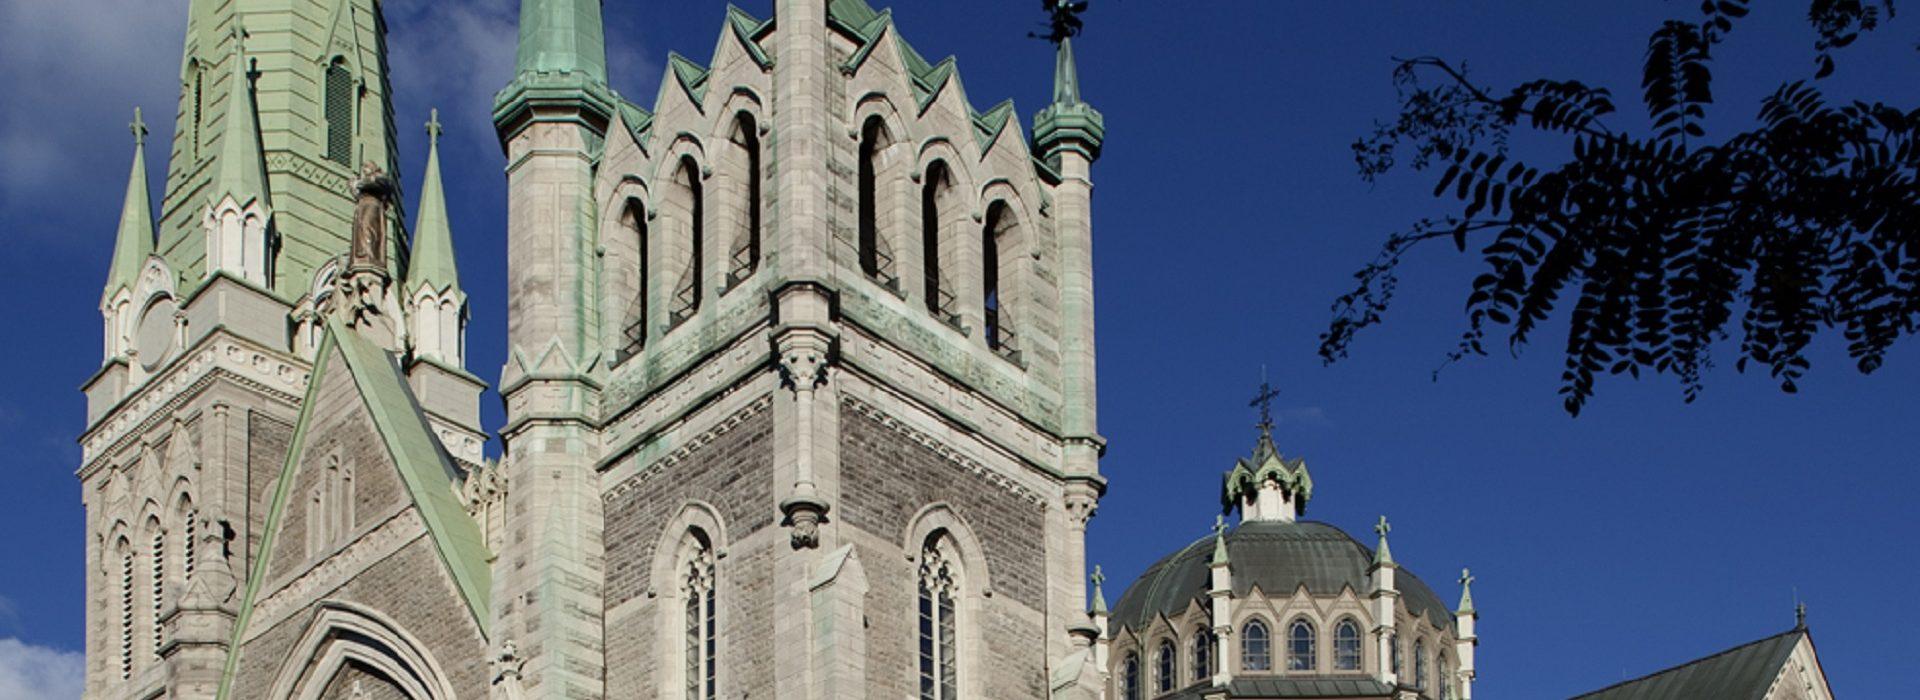 Église Cocahtédrale Saint-Antoine-de-Padoue à Longueuil